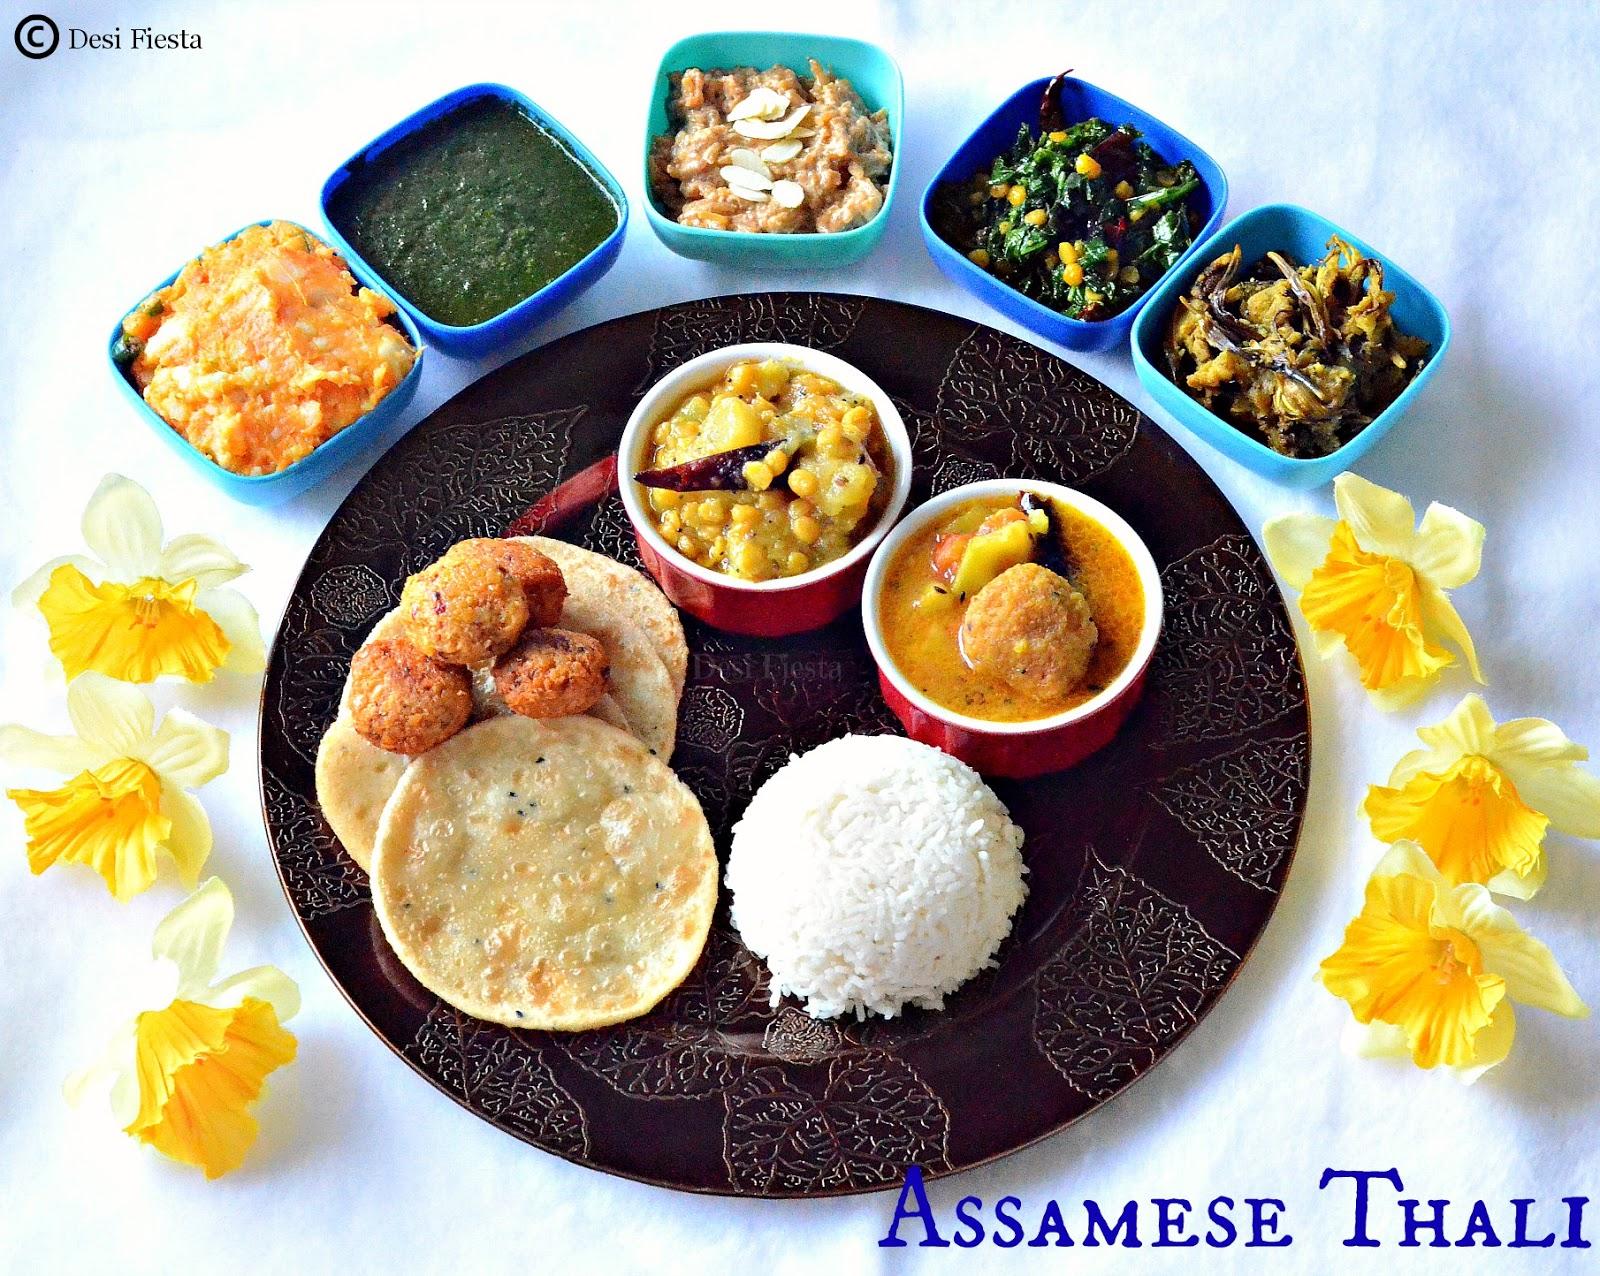 Desi fiesta assamese thali aalohir exaj assamese for Arunachal pradesh cuisine